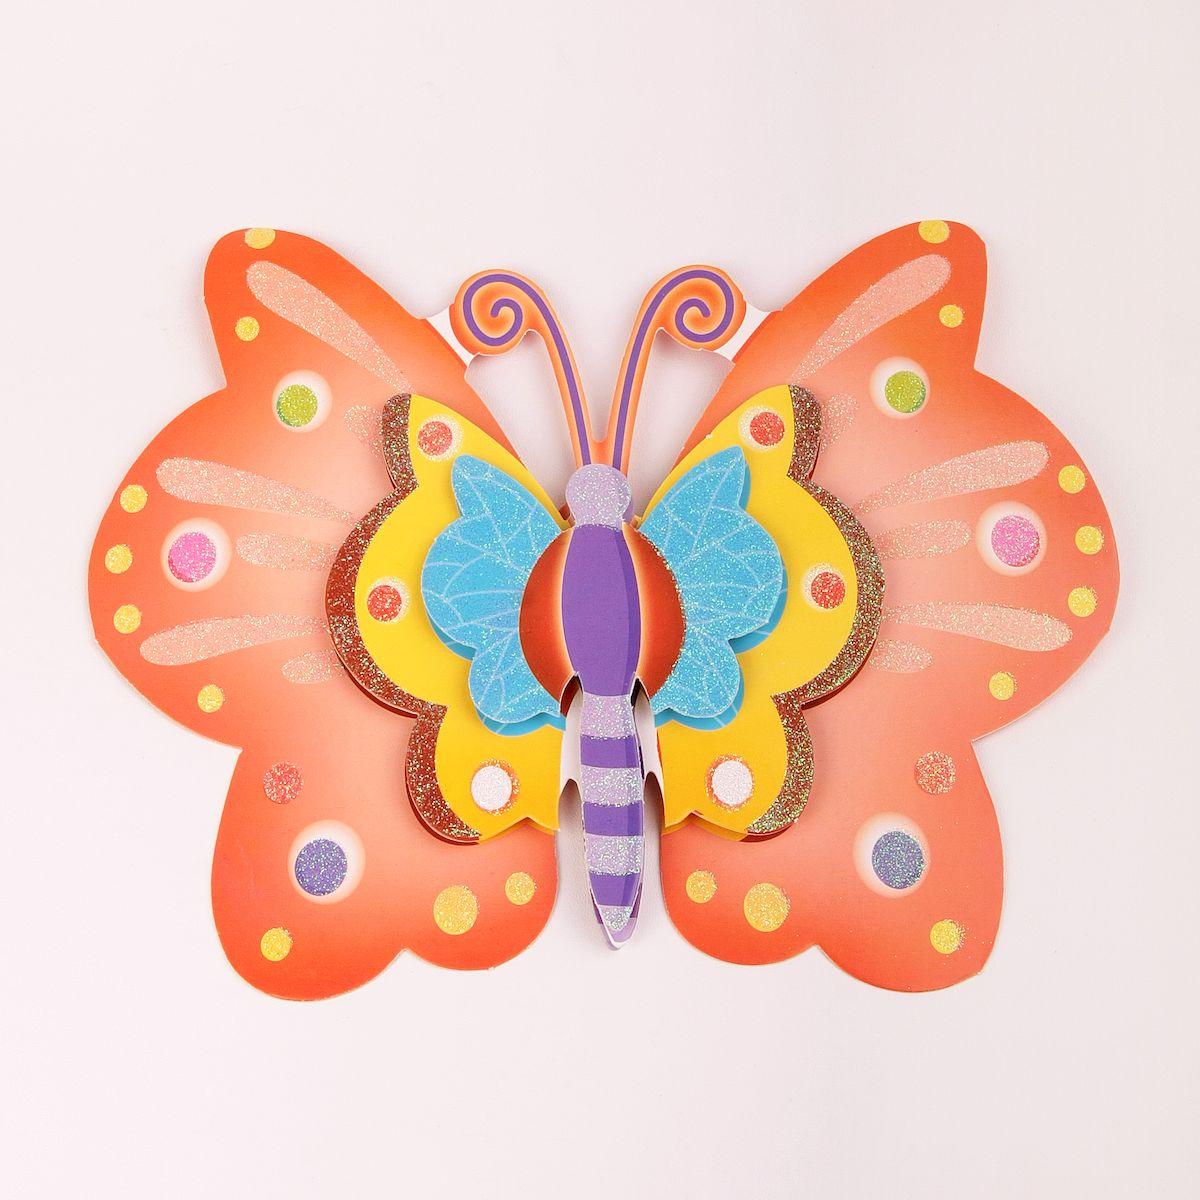 Наклейка декоративная Magic Home Бабочка, 35,5 х 25 см. 31825300173Яркая, забавная наклейка украсит не только детскую комнату, но и станет отличным дополнением к любому подарку. Наклейку можно использовать как украшение стен и, например, фасадов шкафов и различных ящиков.